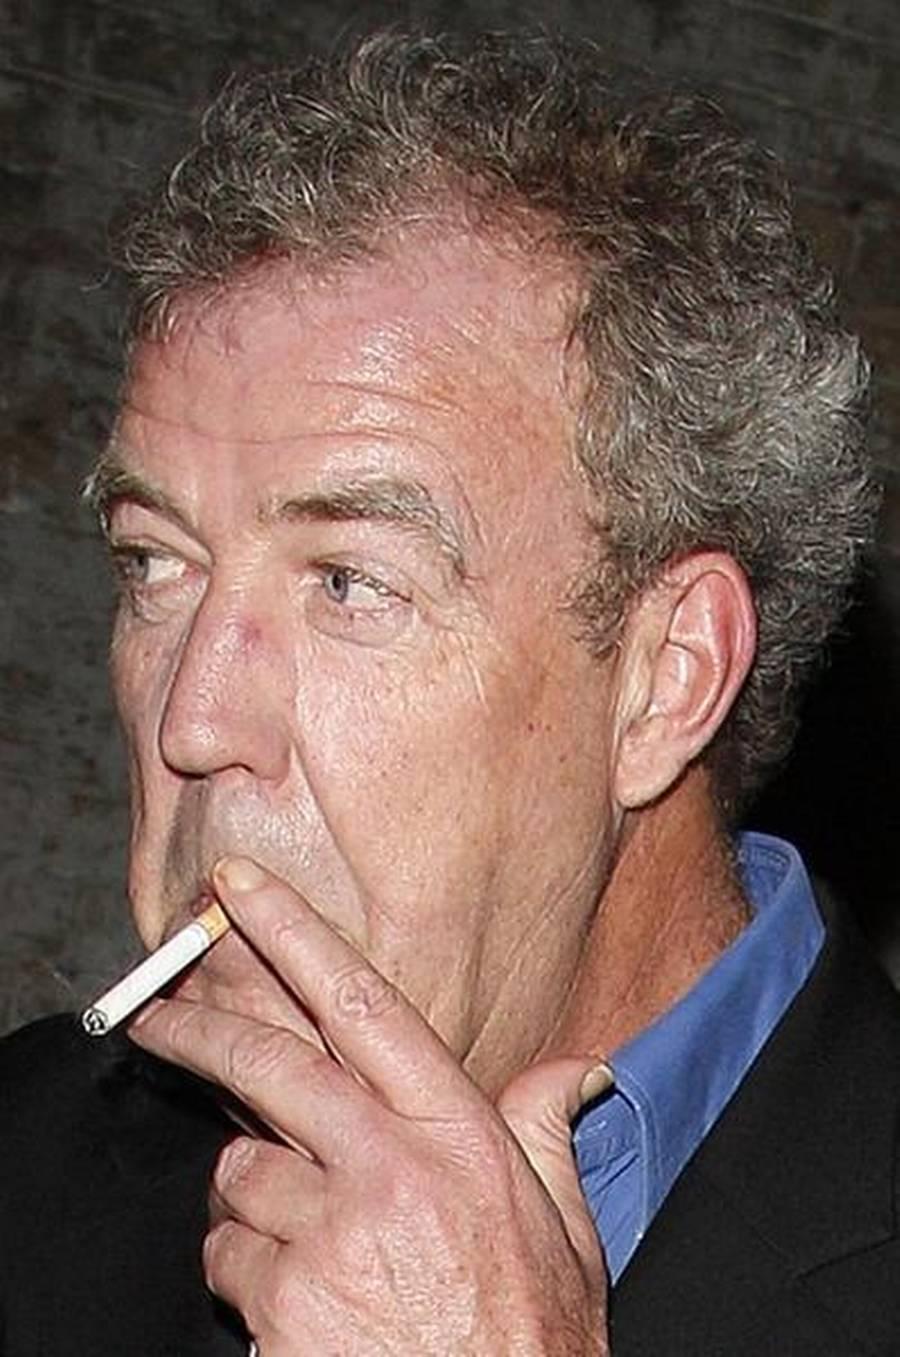 Jeremy Clarkson mener, at han blev presset så hårdt, at al balladen opstod. Foto: All Over